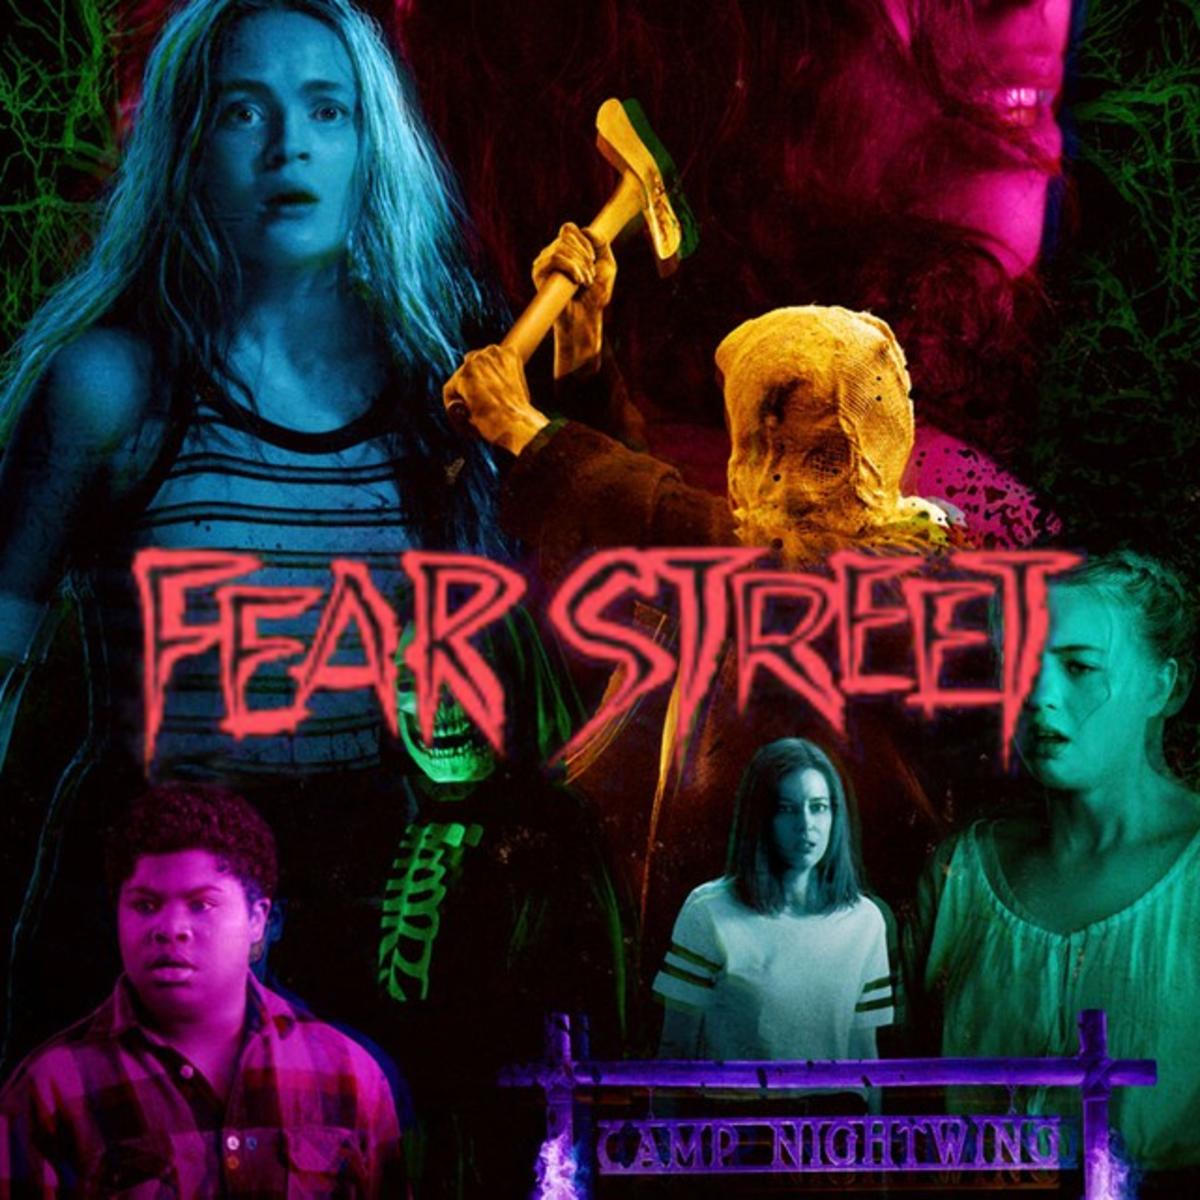 fear-street-does-netflixs-horror-trilogy-work